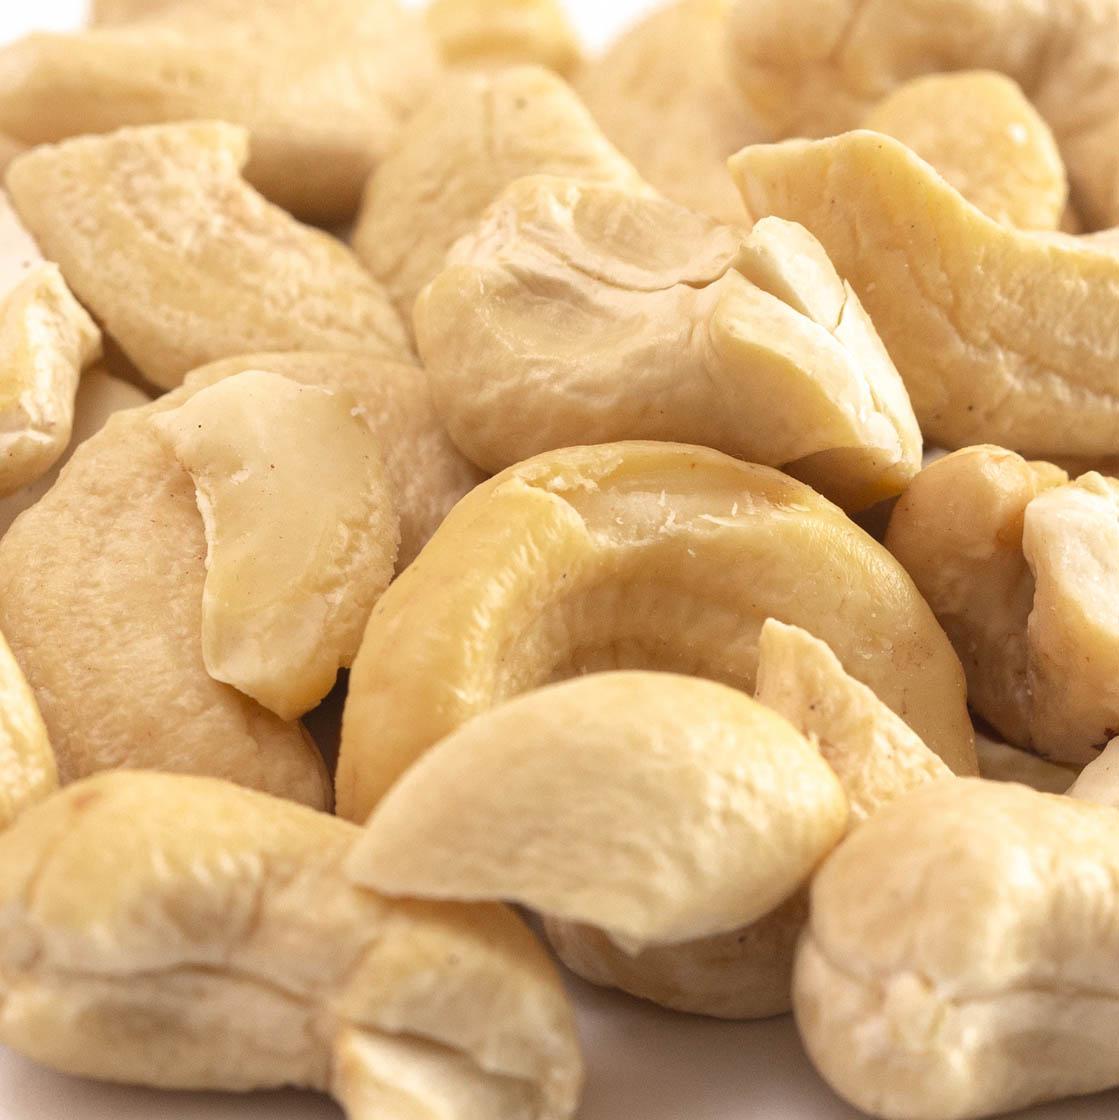 Cashew (large pieces)